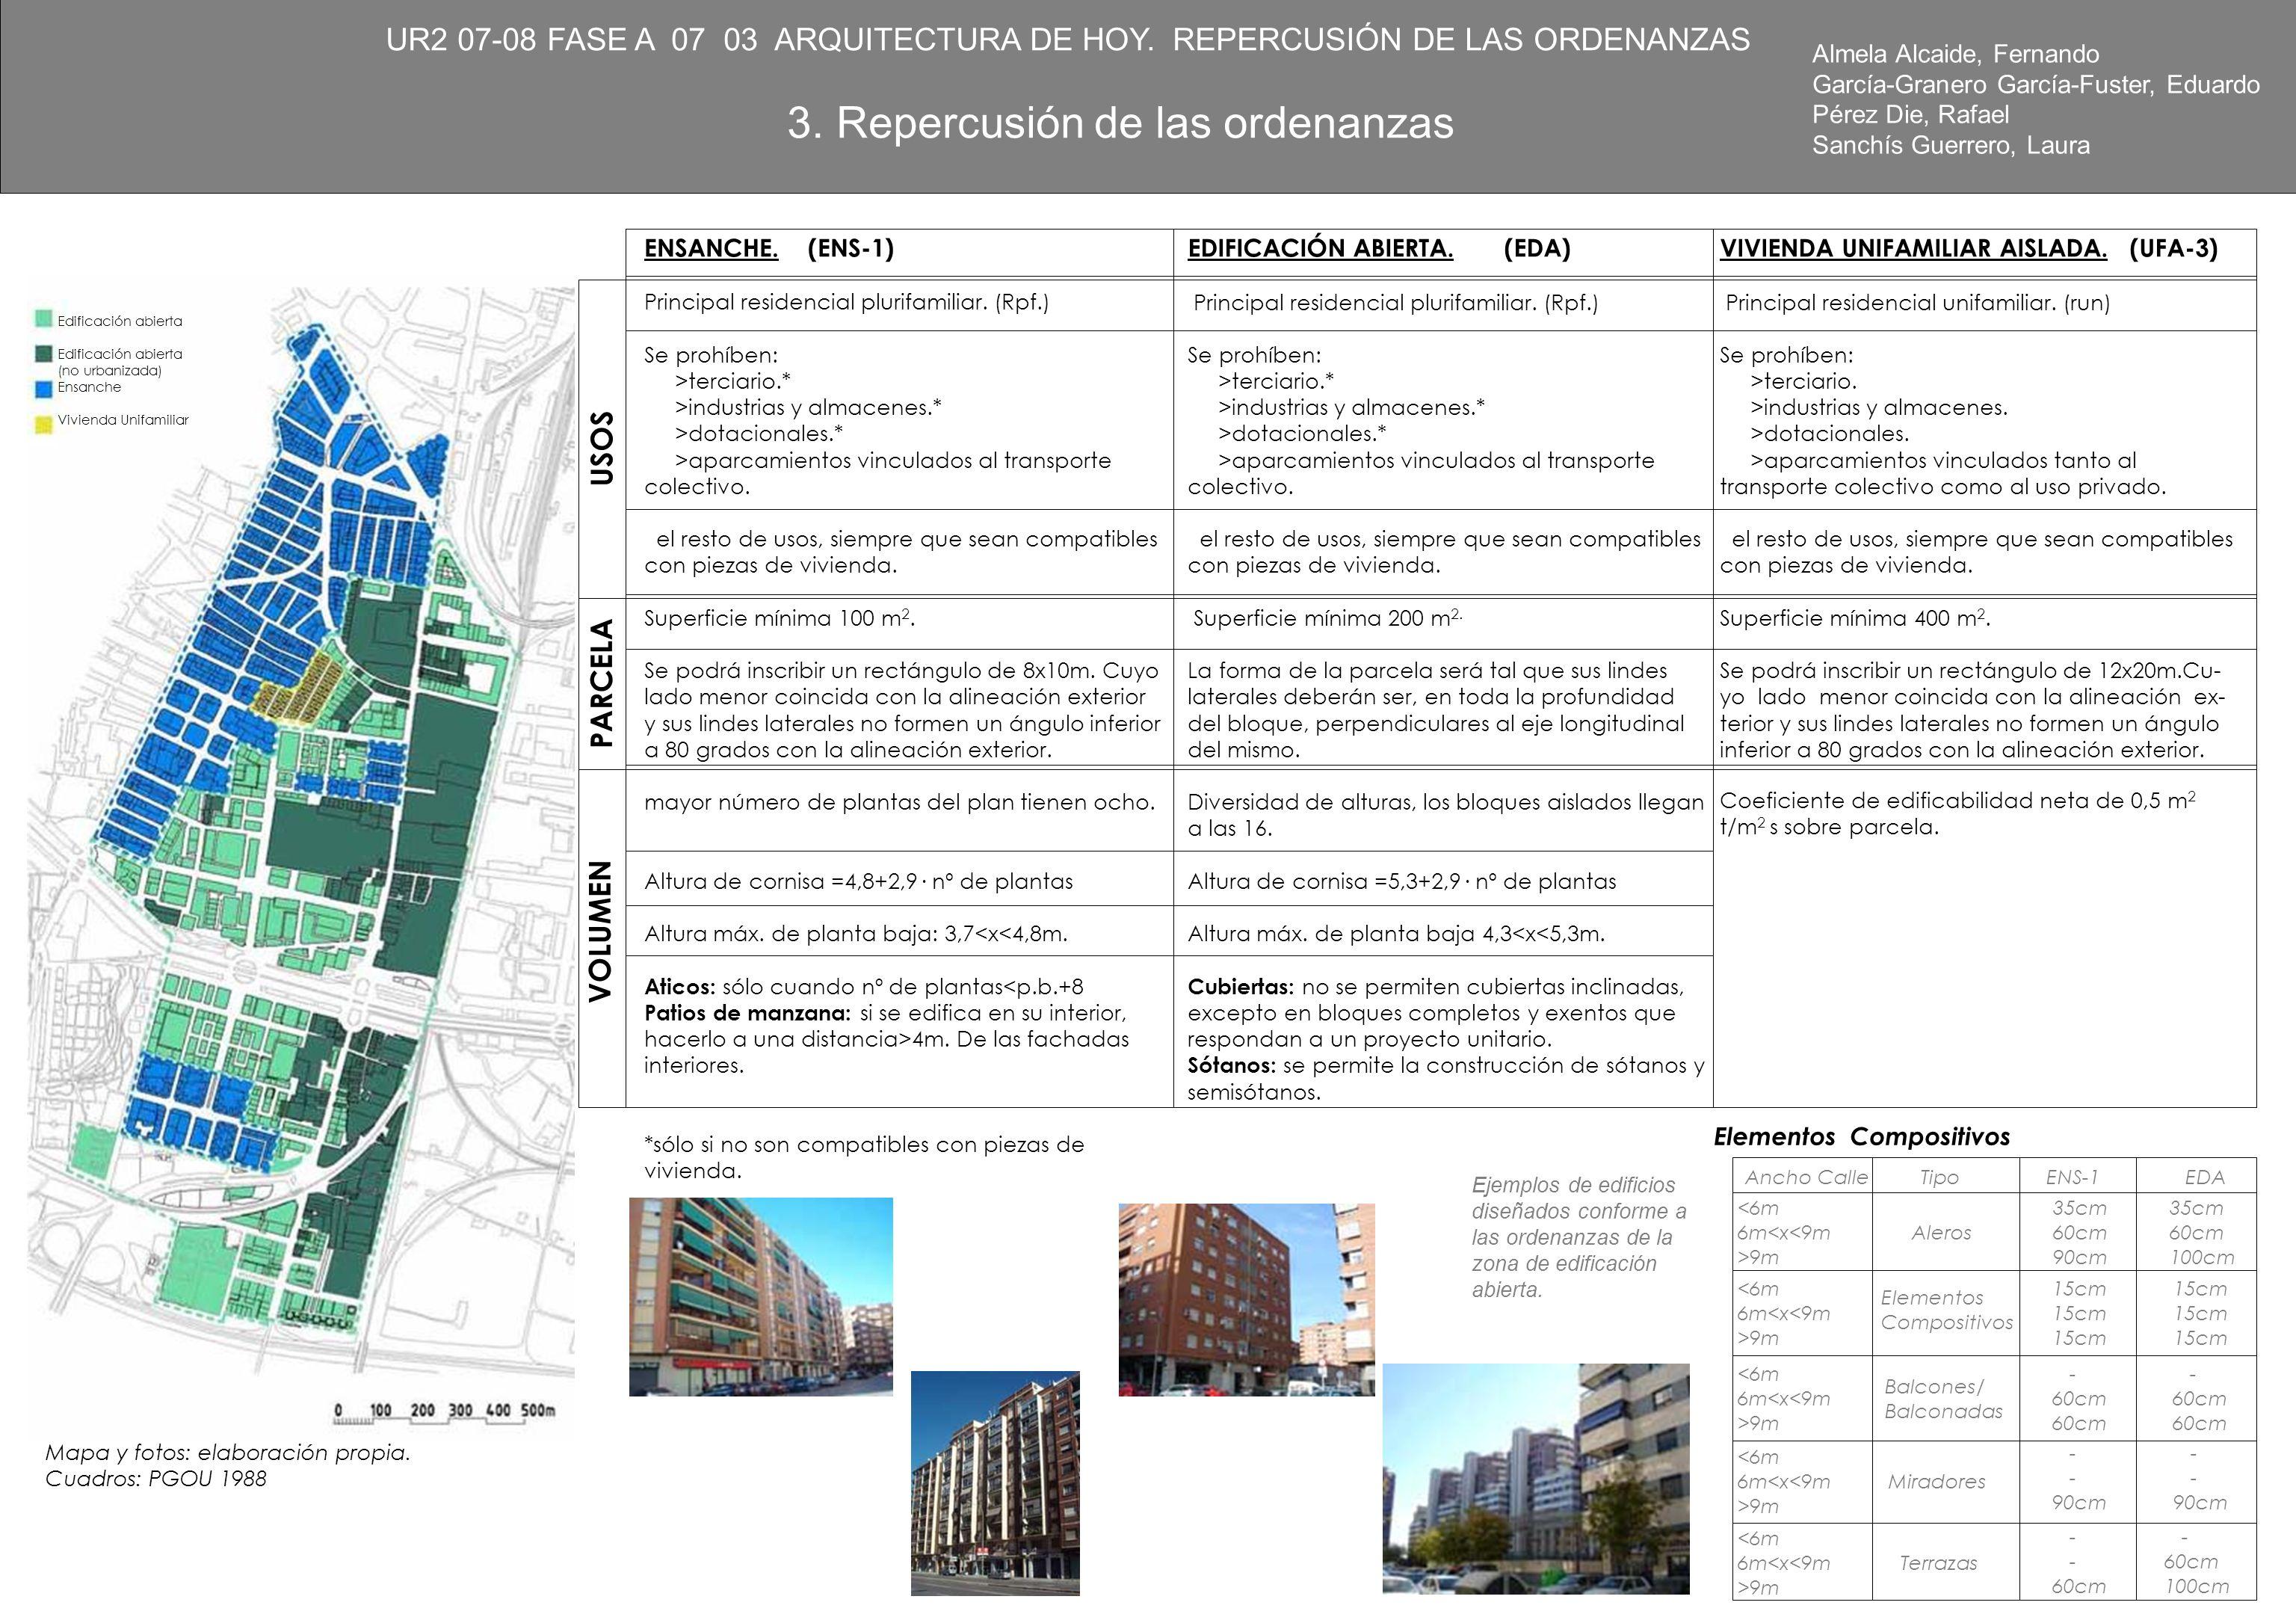 EDIFICACIÓN ABIERTA.(EDA) Principal residencial plurifamiliar.